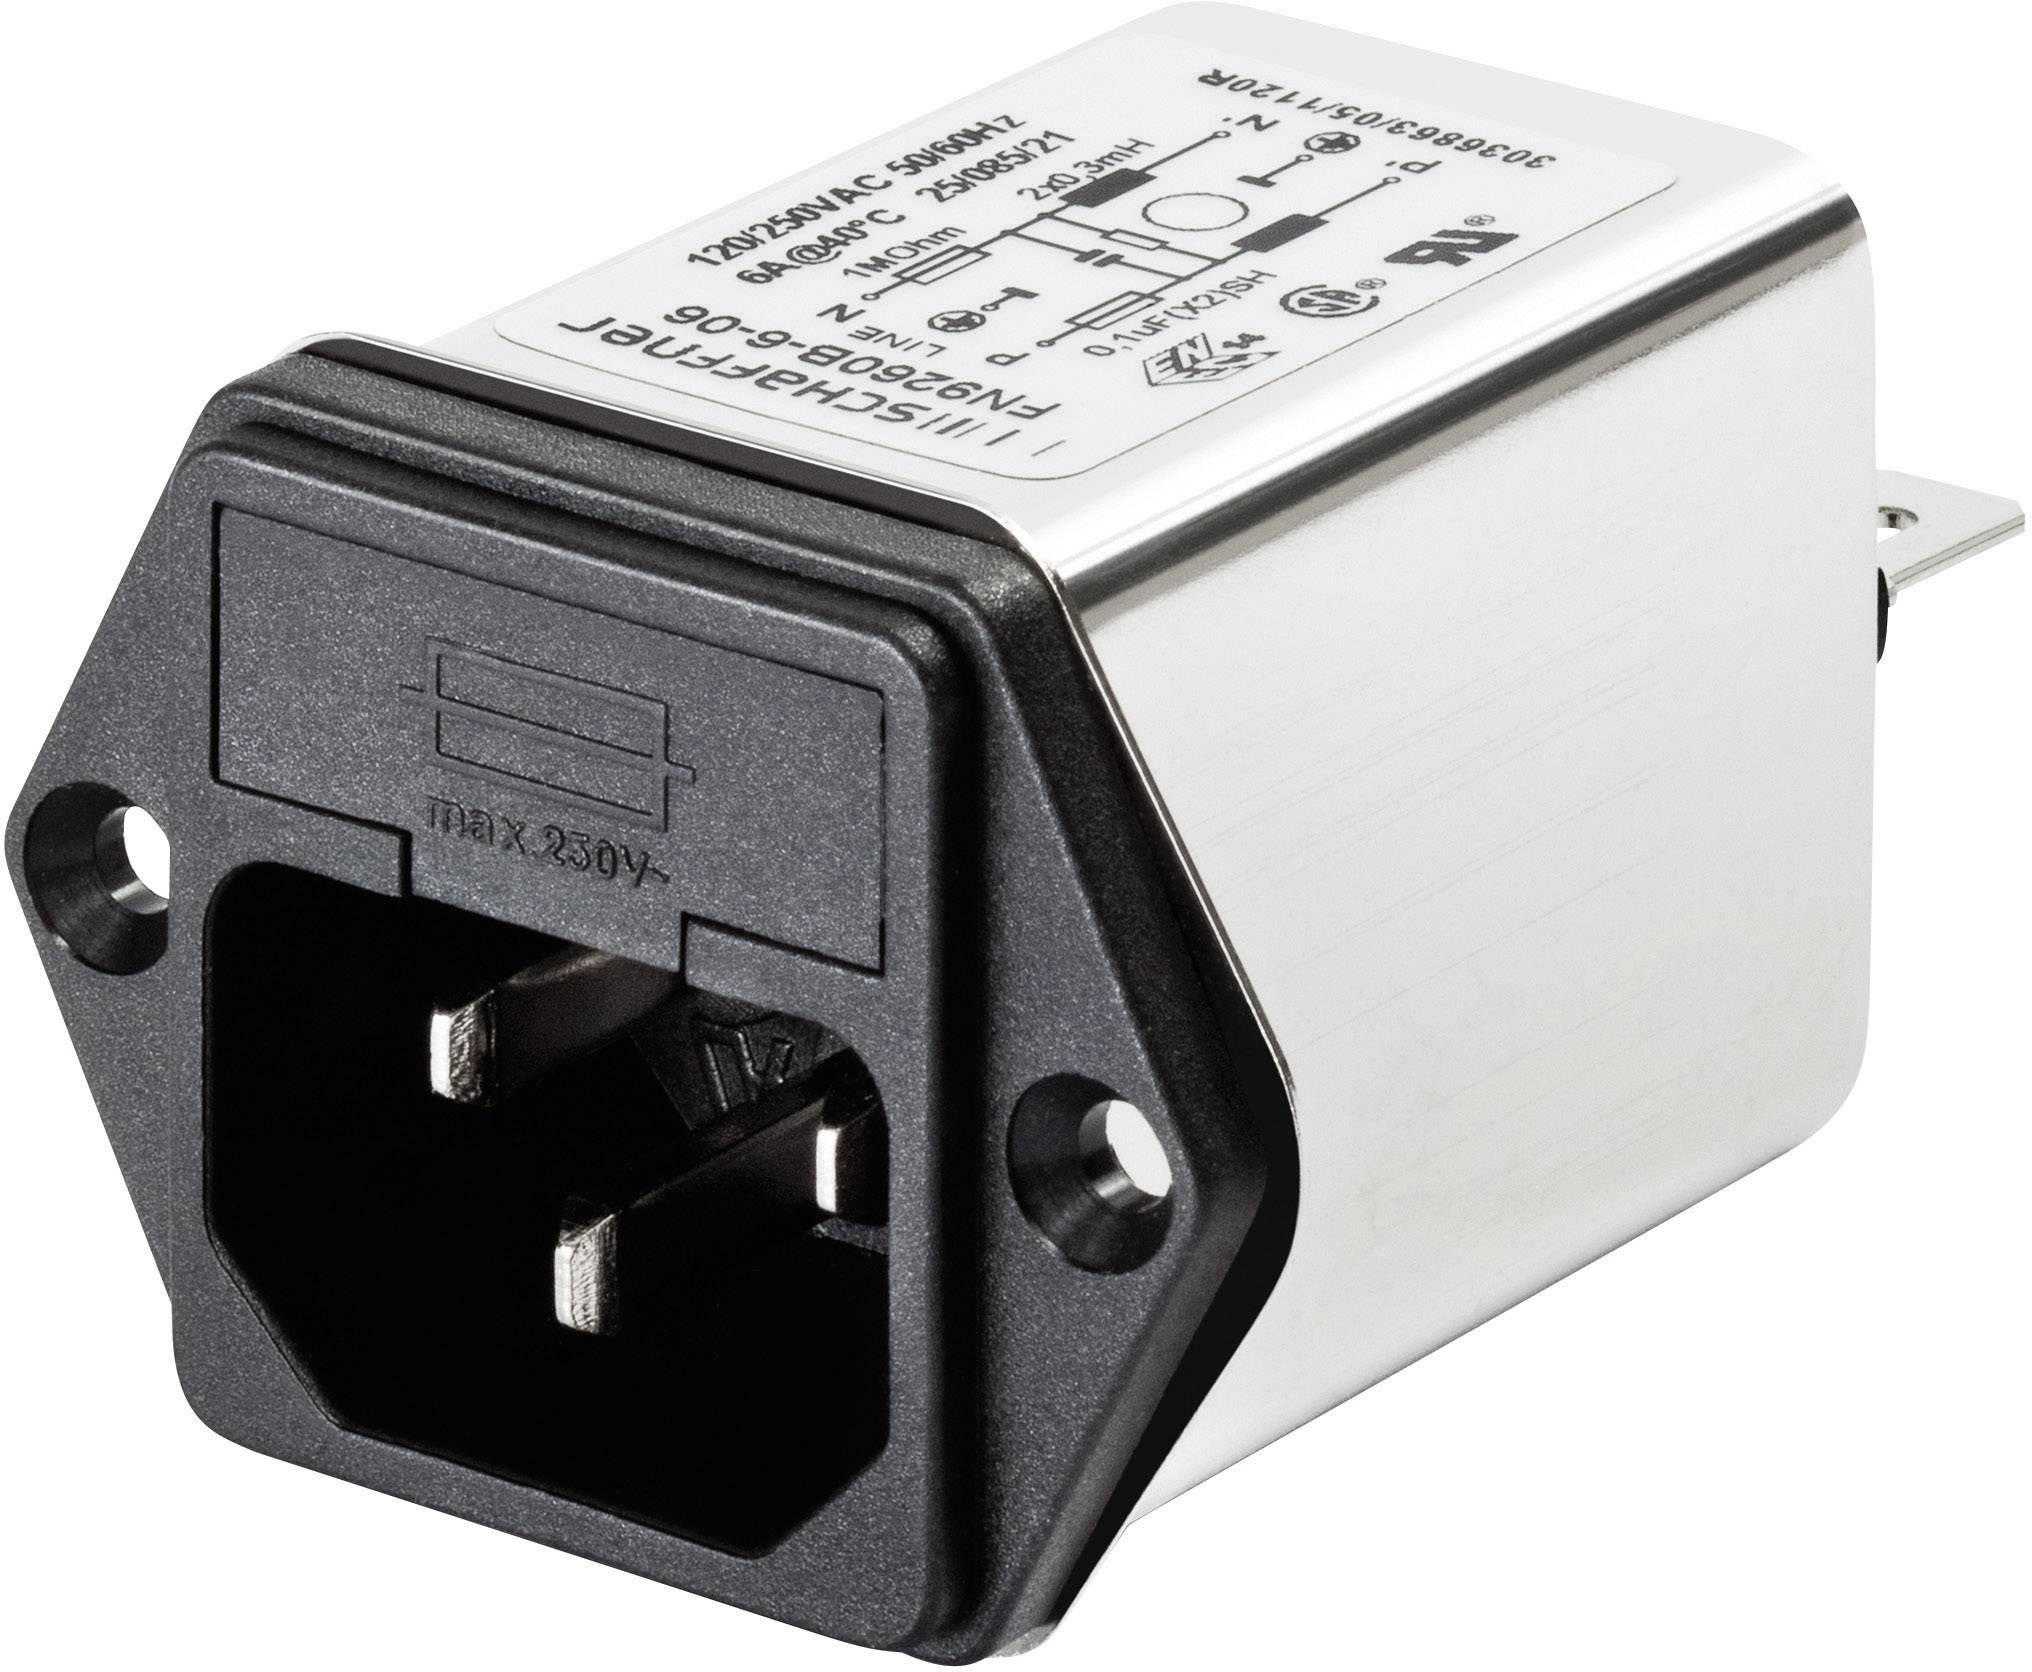 Sieťový filter Schaffner FN 9260-2-06 FN 9260-2-06, so spínačom, s IEC zásuvkou, 250 V/AC, 2 A, 2.7 mH, (š x v) 46 mm x 32 mm, 1 ks